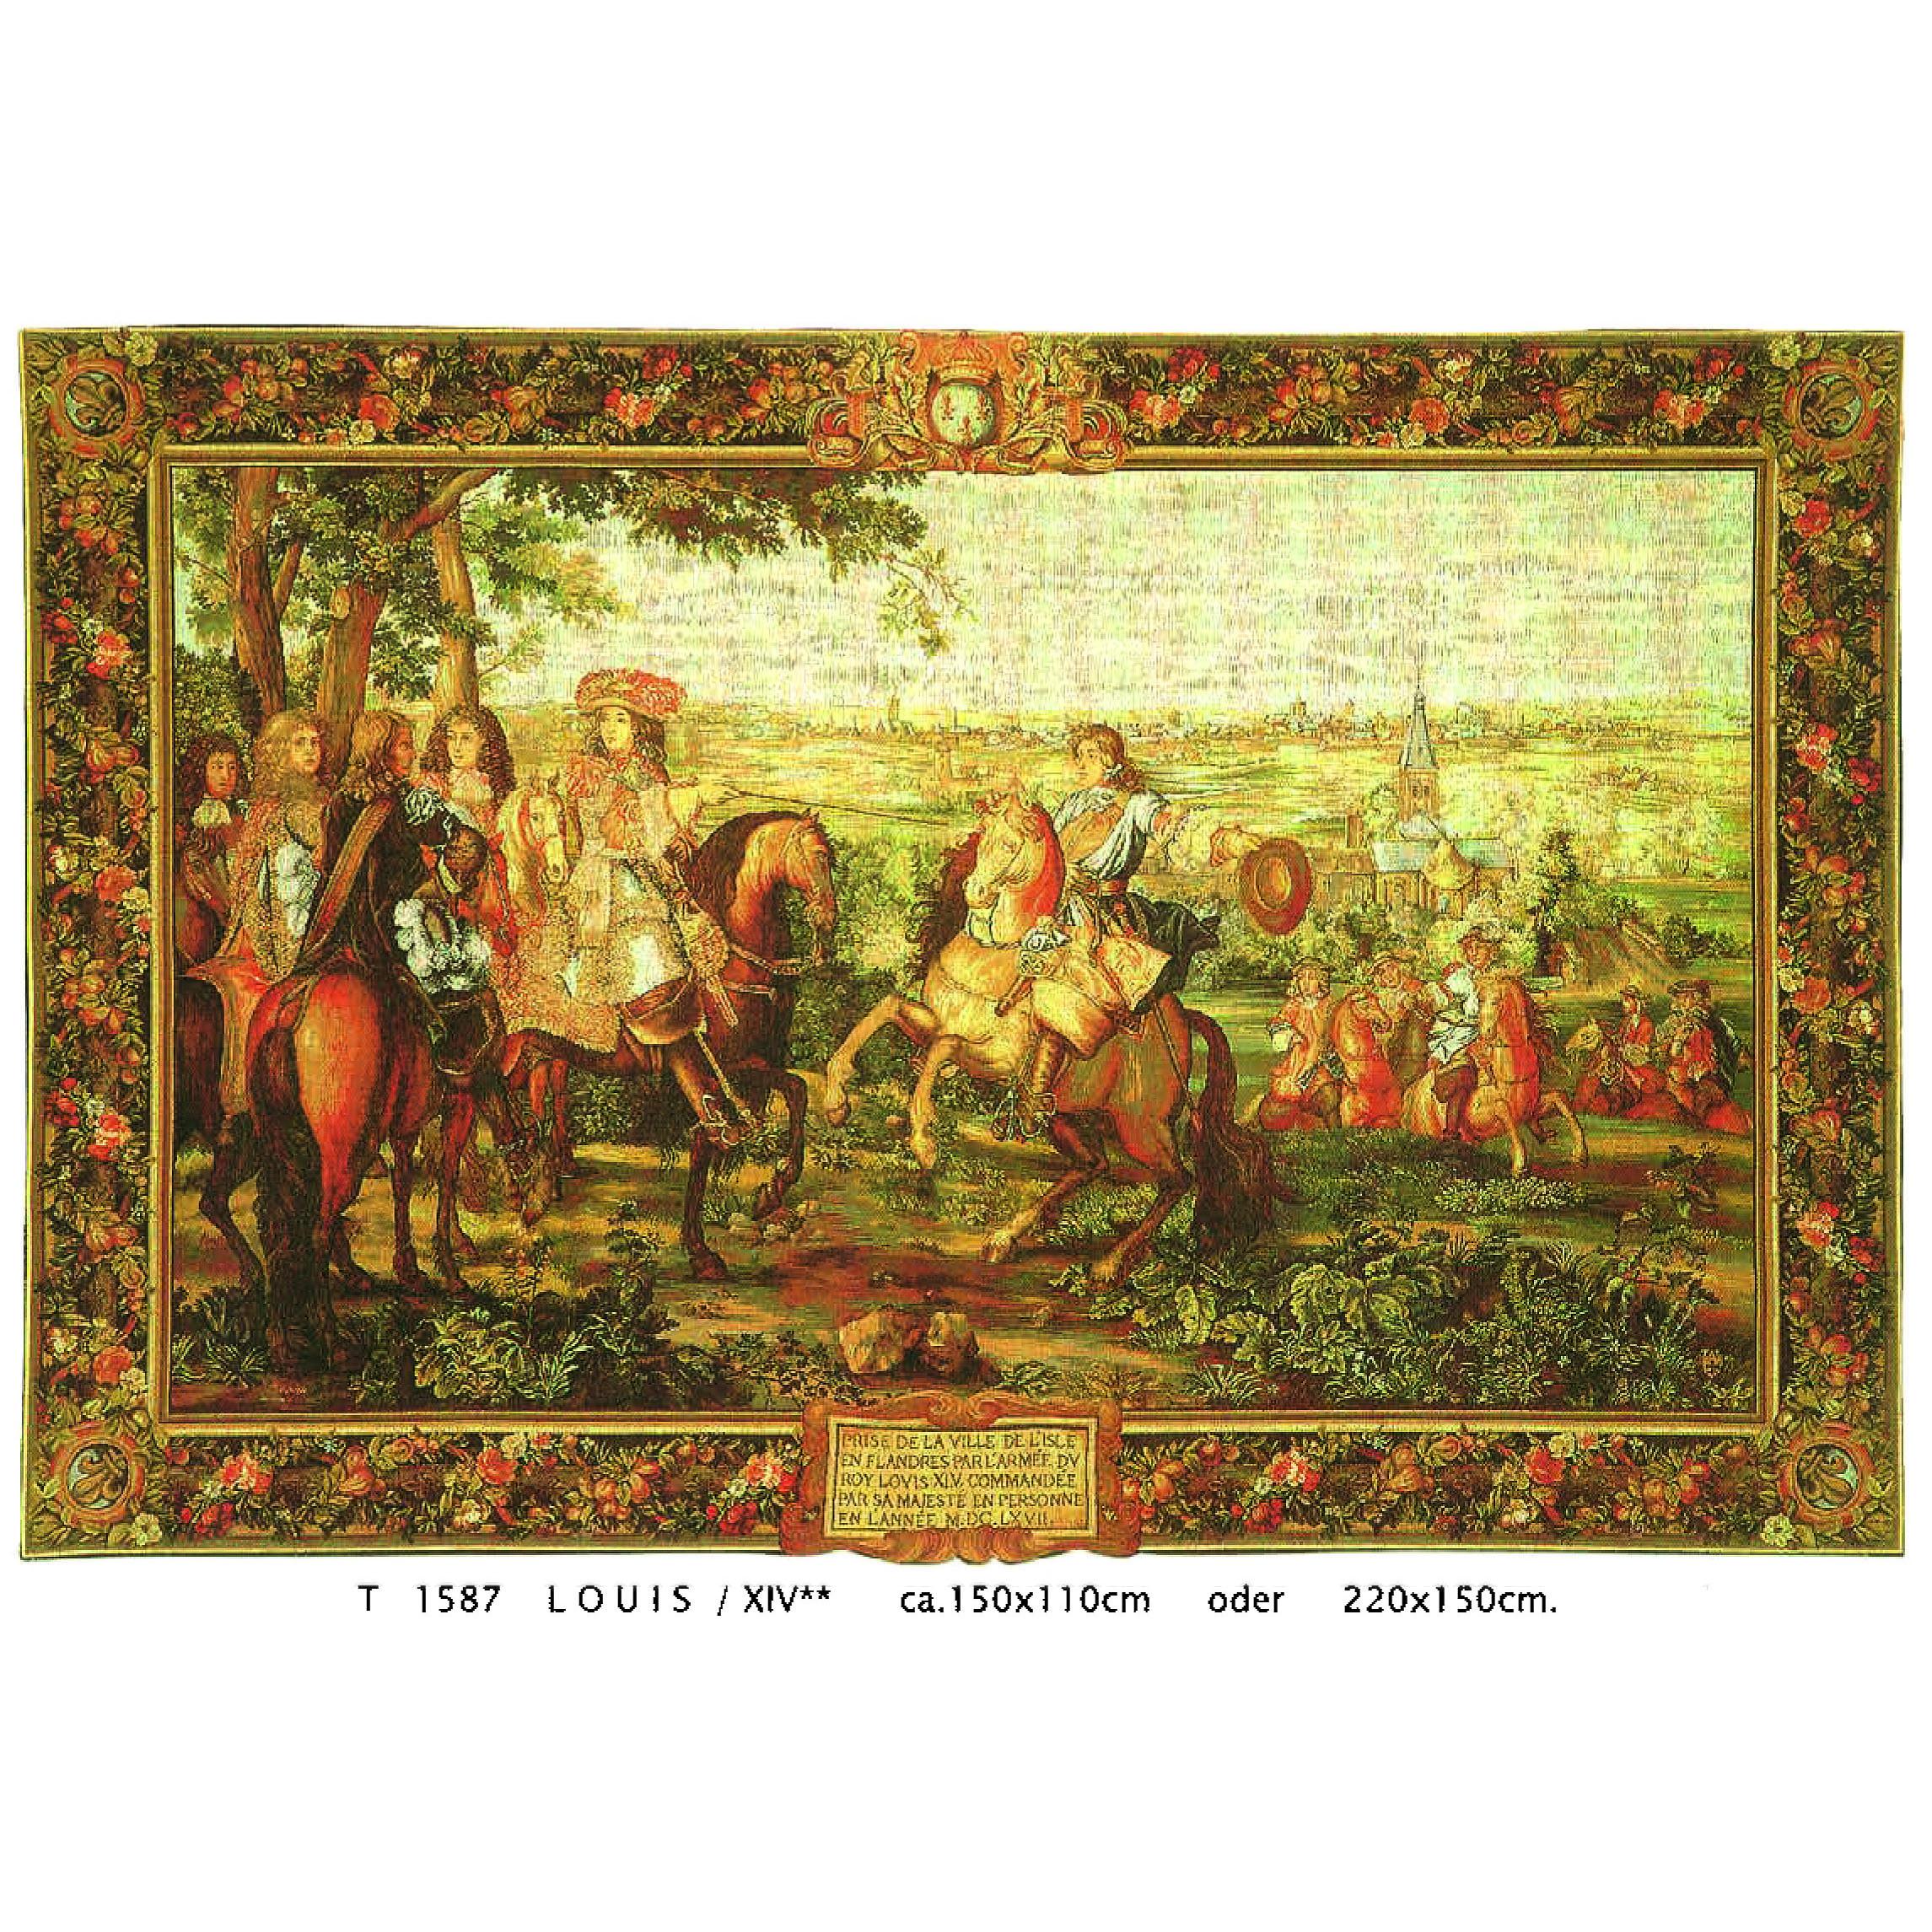 Luka, T1587 Louis XIV <br> Гобелен Луи XIV <br>размеры 150х110, 220х150